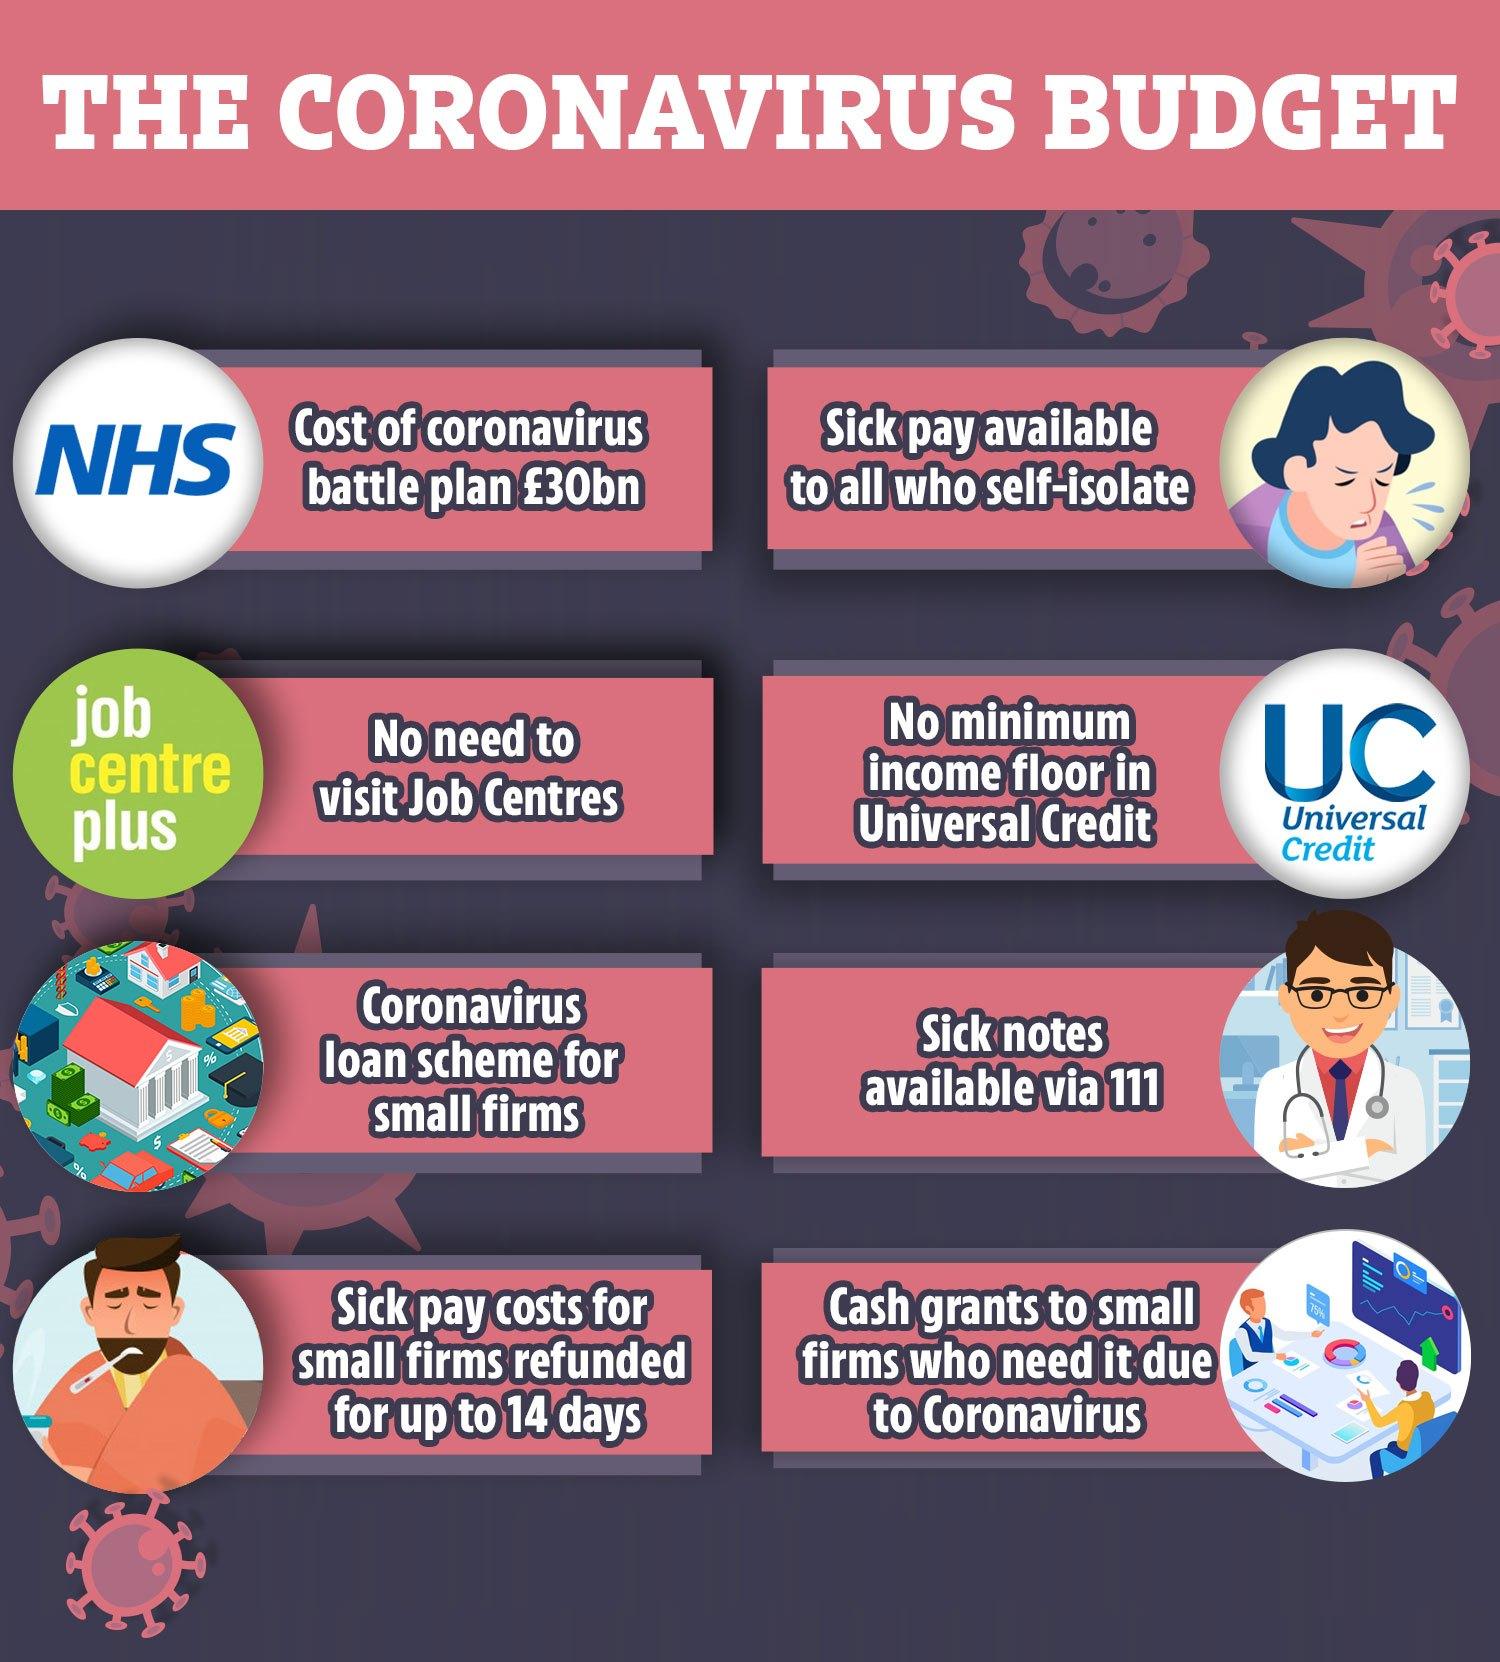 coronavirus budget - italoeuropeo londononeradio